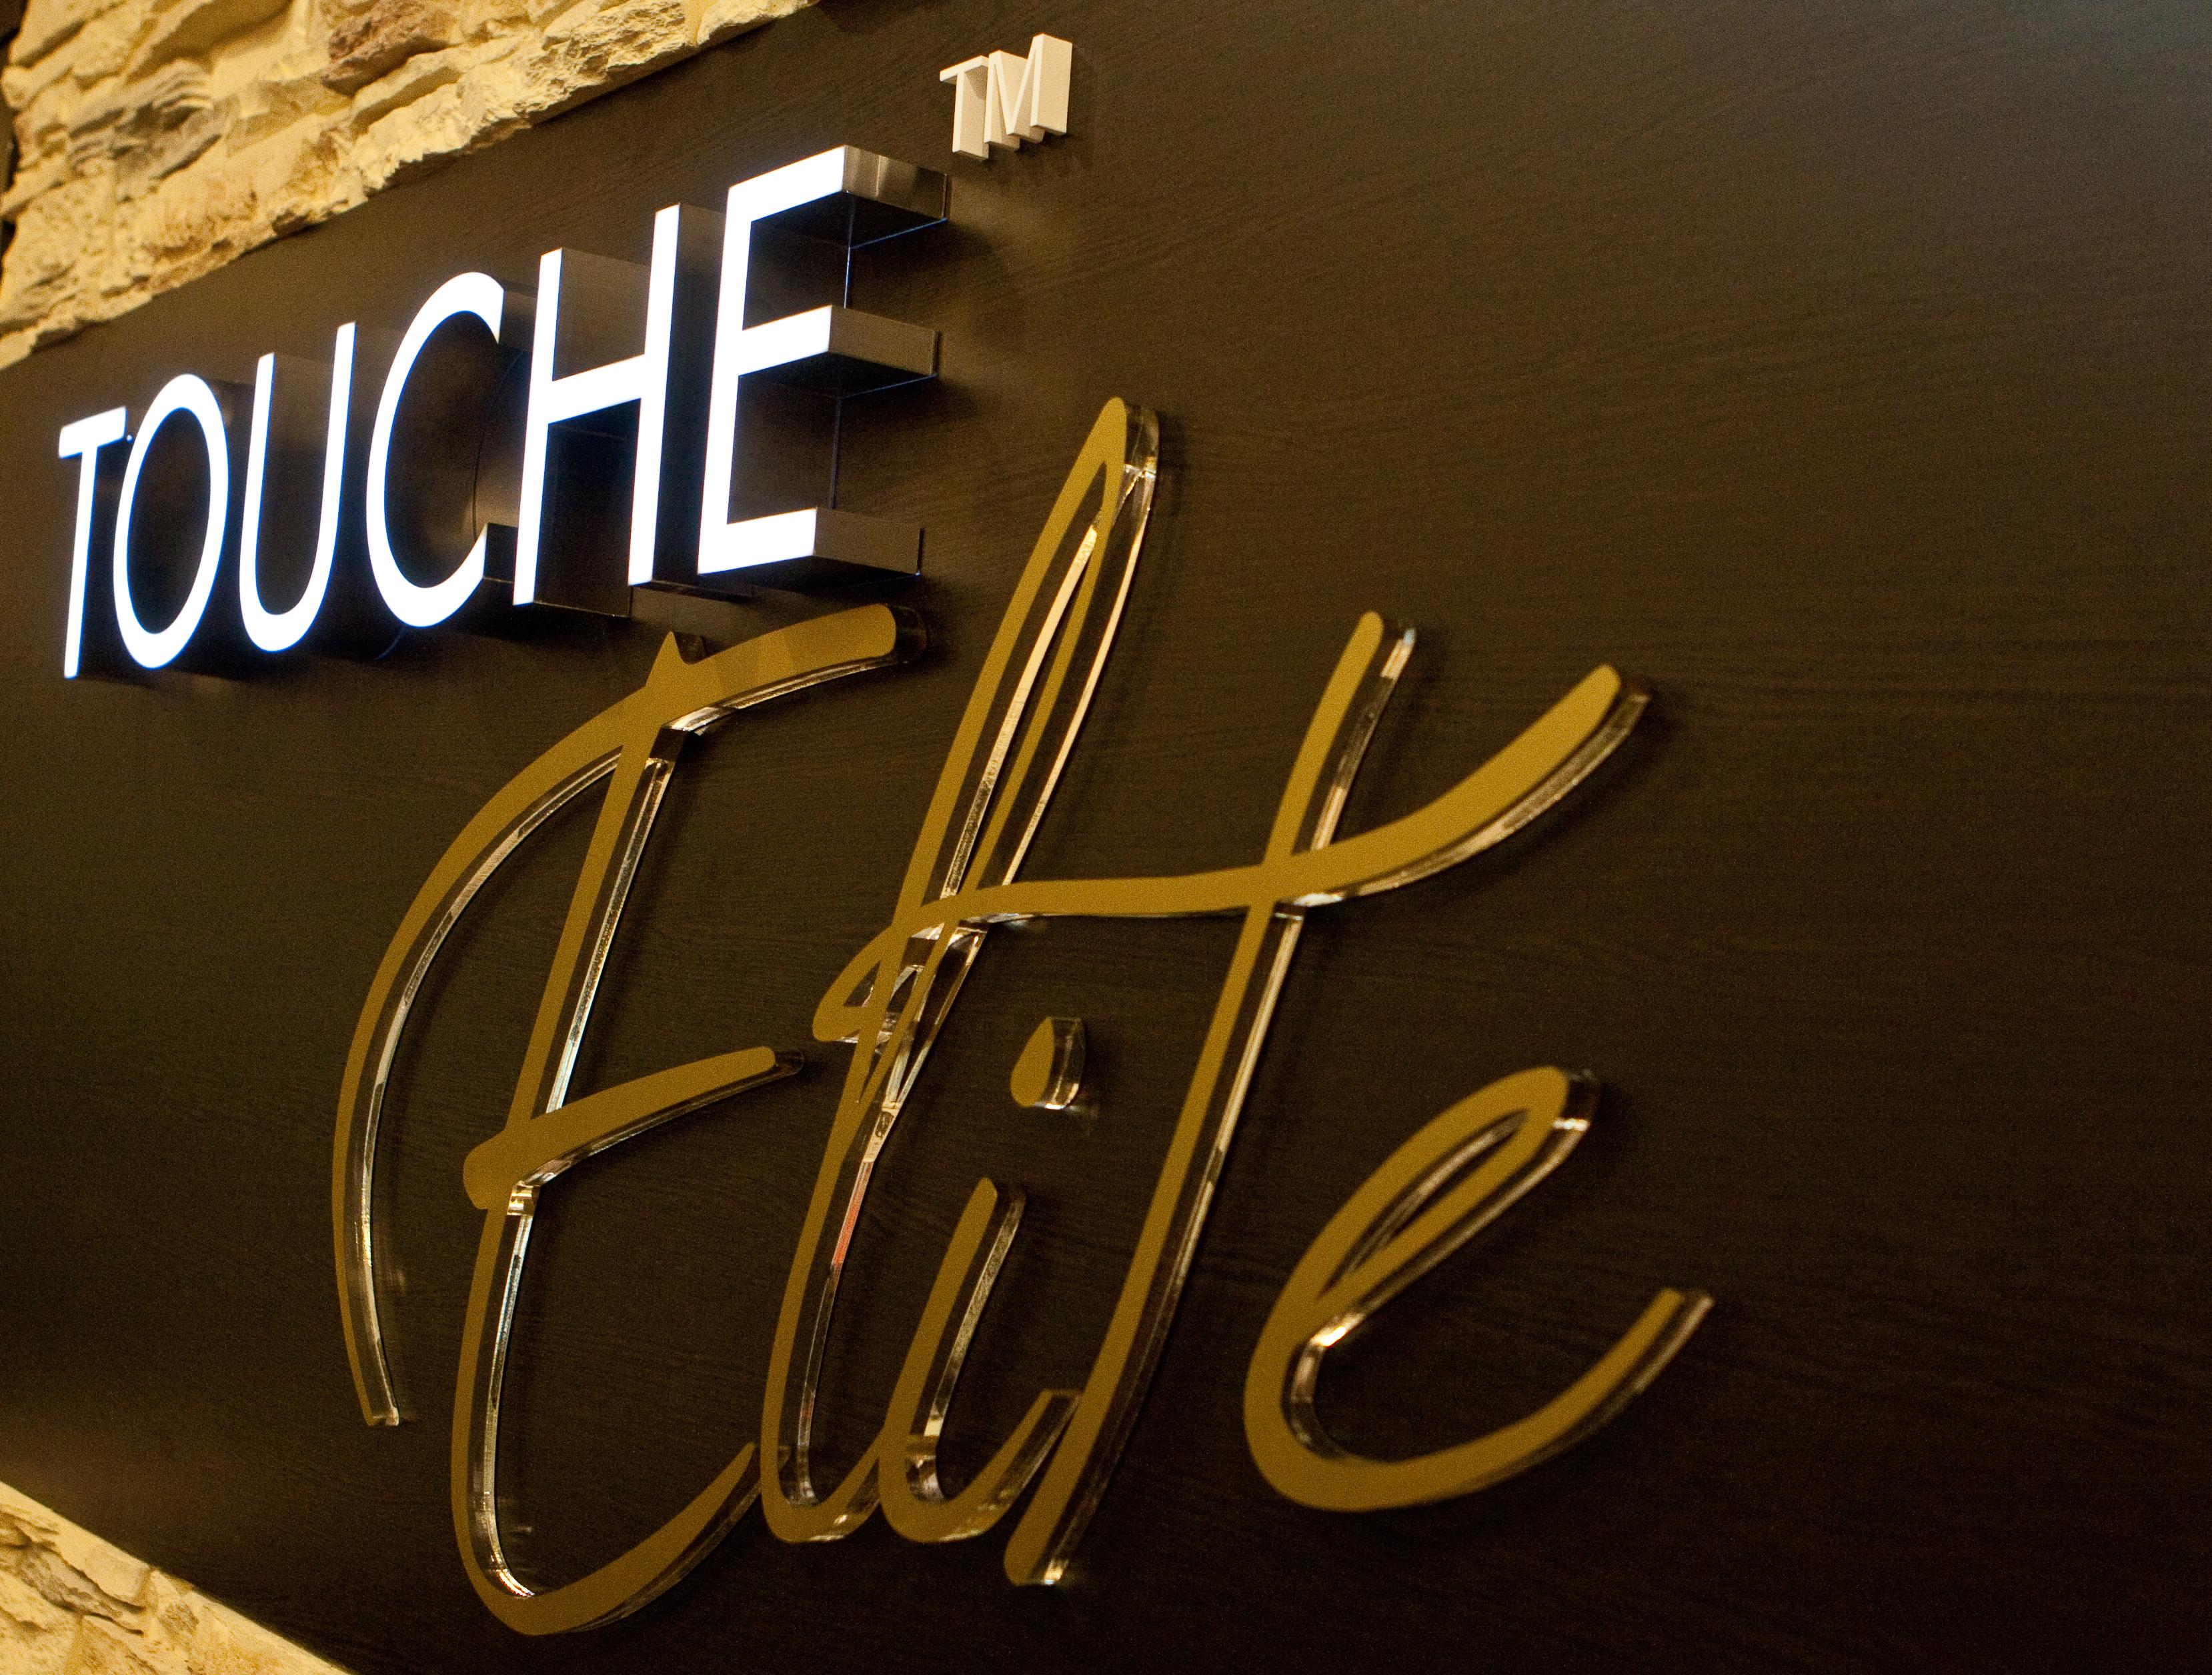 Touche Elite